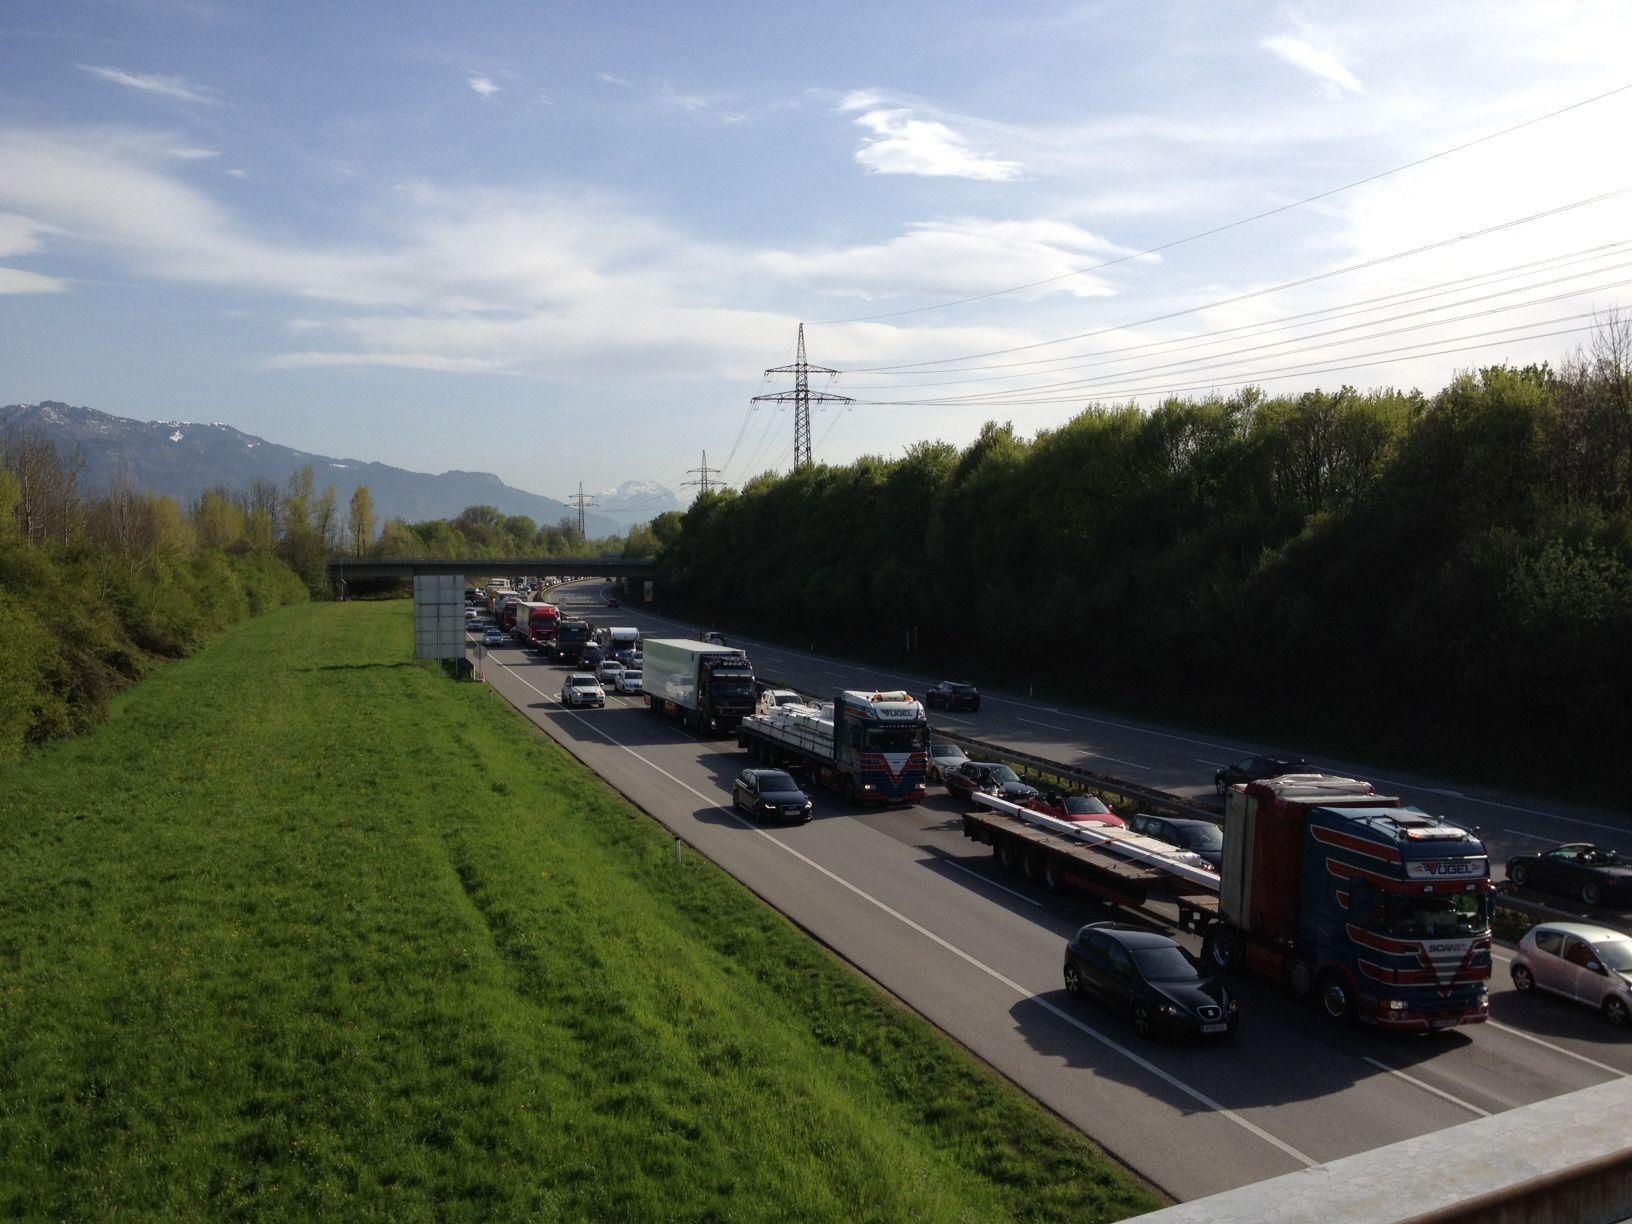 Die Verkehrsüberlastung löst sich nur langsam auf.